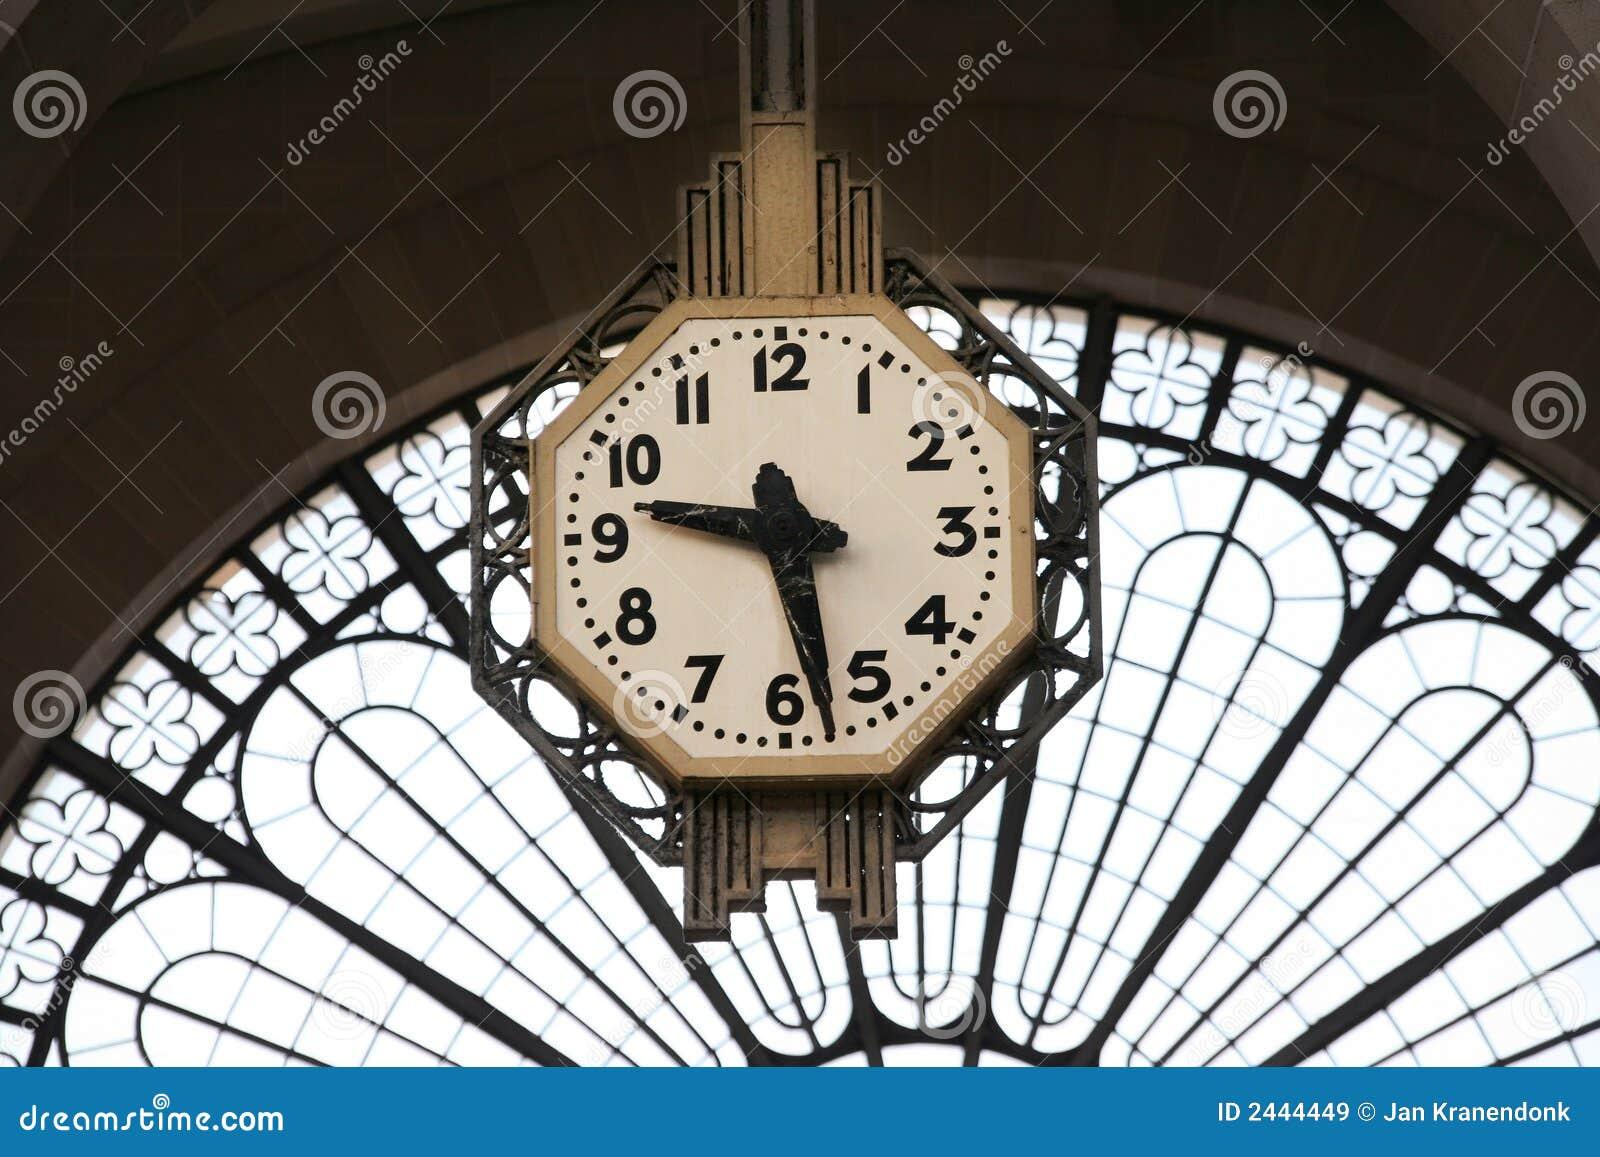 Orologio della stazione ferroviaria immagine stock for Orologio da stazione